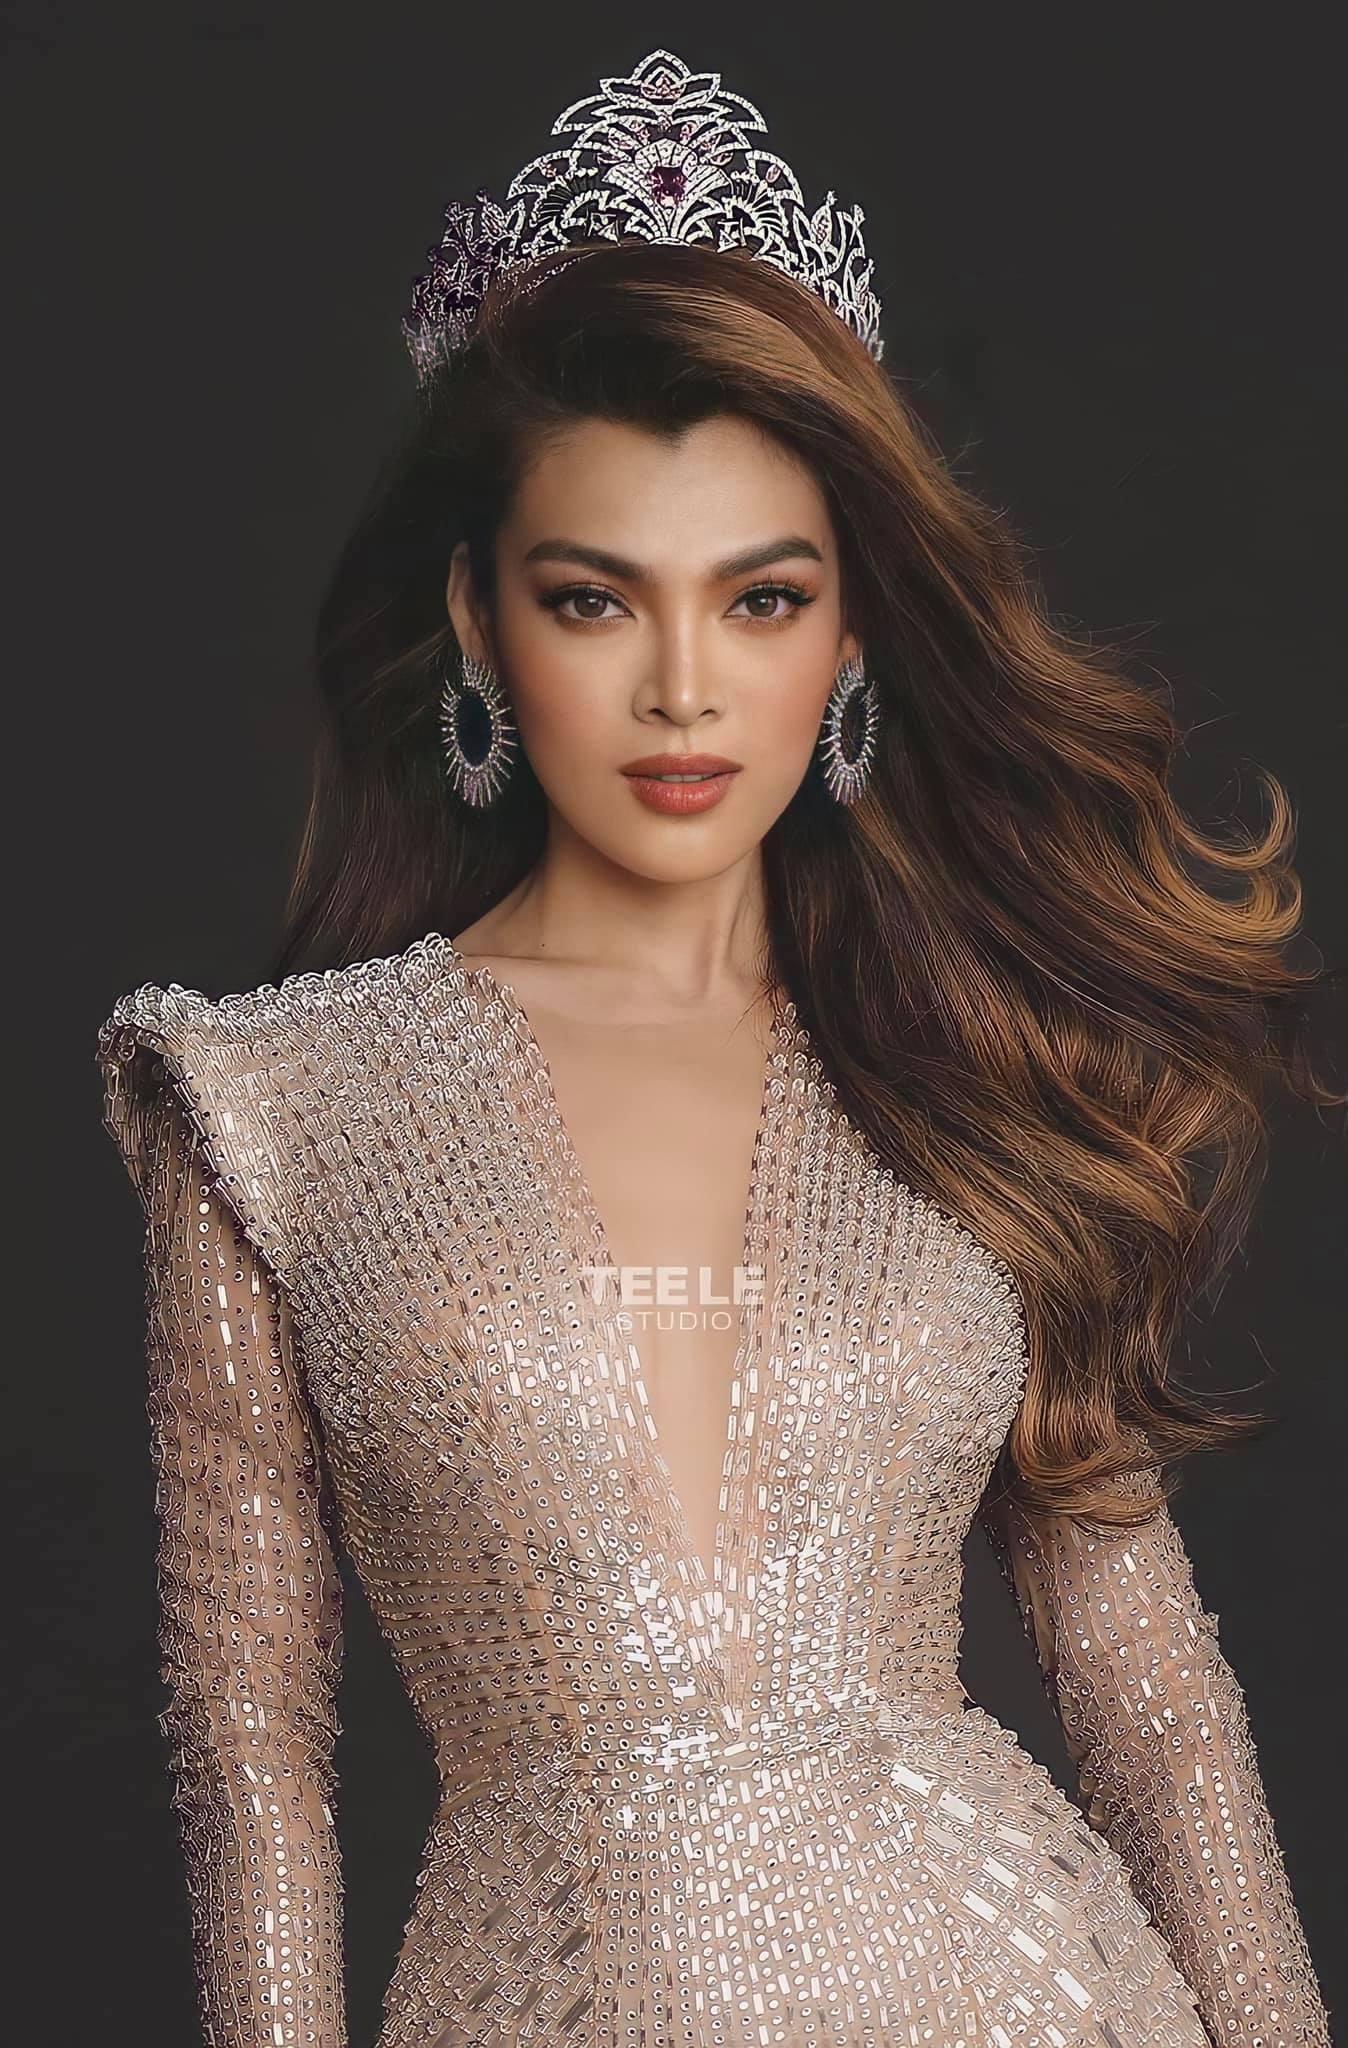 """Ý tưởng quốc phục cực """"bá đạo"""" cho Hoa hậu Trân Đài, sốc nhất là thiết kế """"Cầu Tõm"""" ảnh 1"""